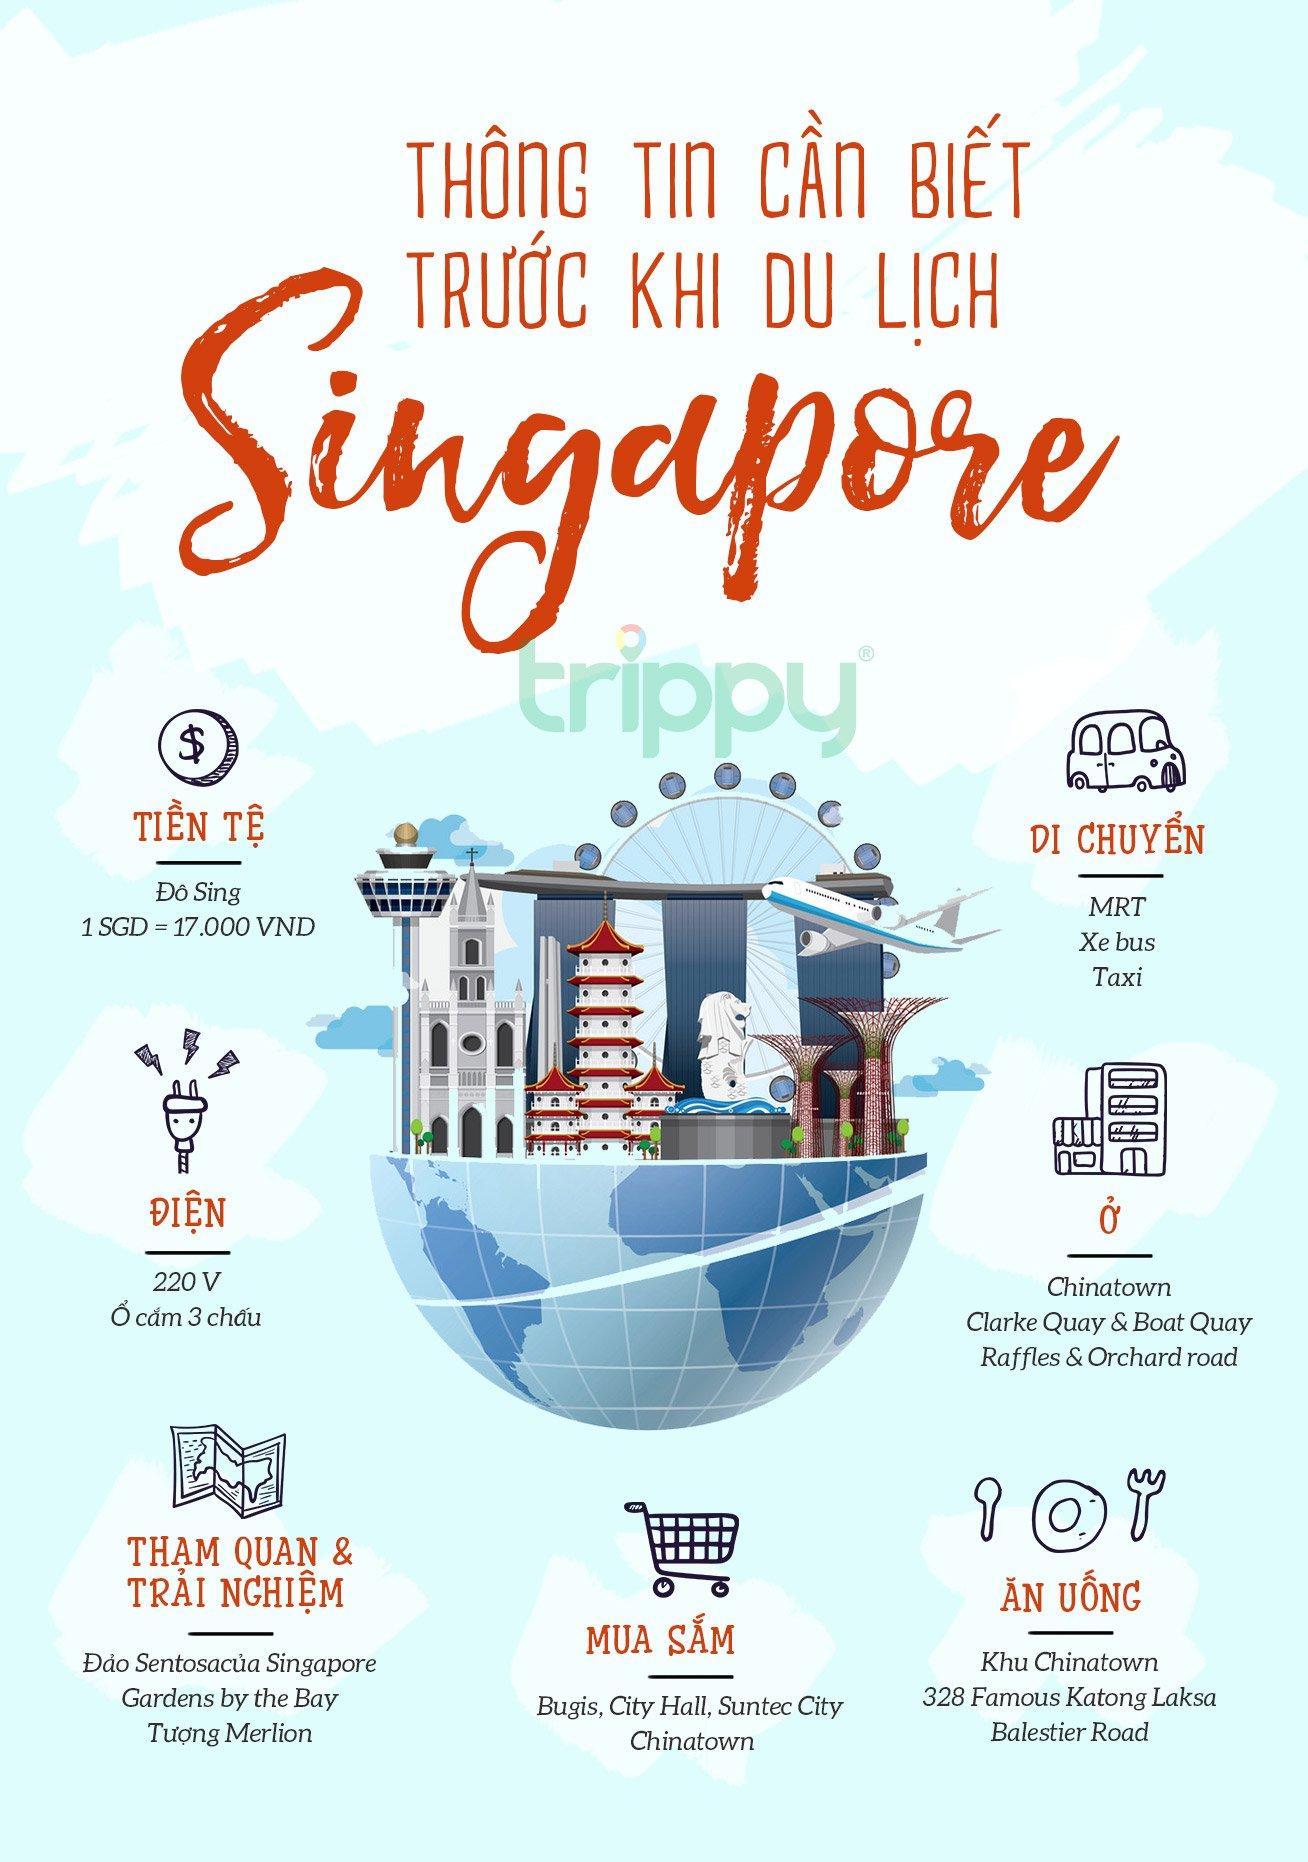 Những thông tin cần biết trước khi du lịch Singapore